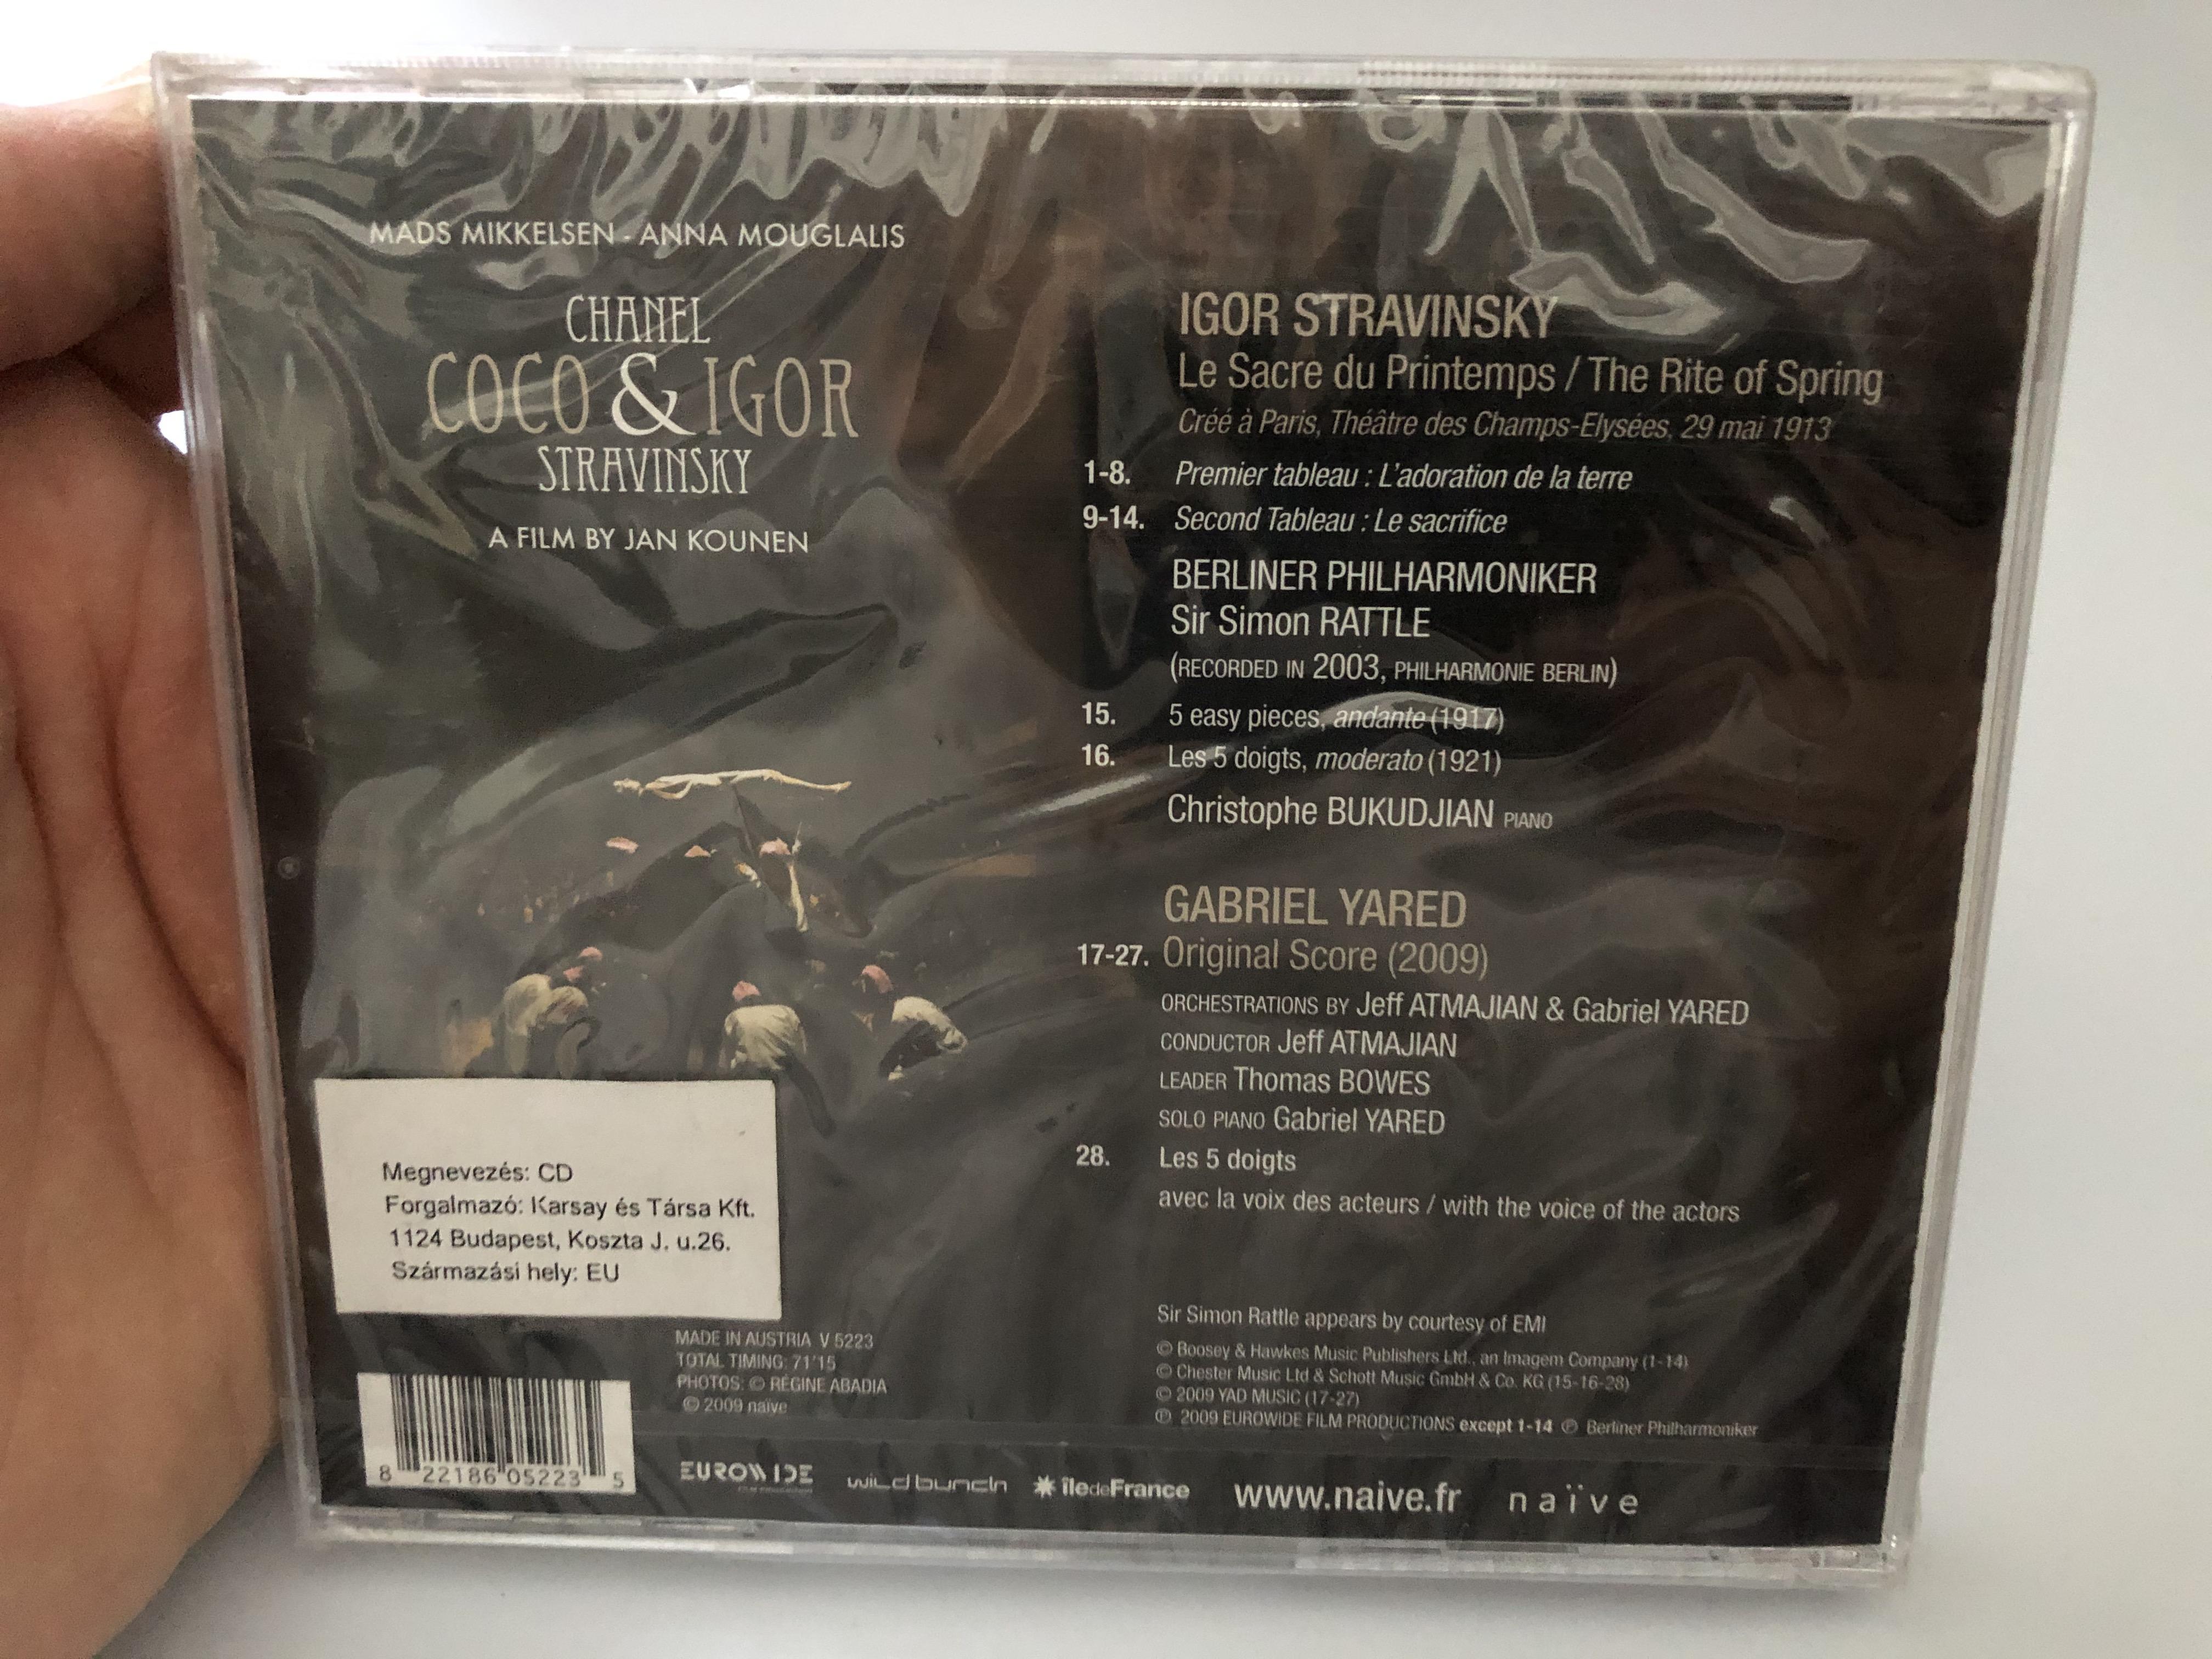 claudie-ossard-chris-bolzli-veronika-zonabend-present-coco-chanel-igor-stravinsky-a-film-by-jan-kounen-music-by-igor-stravinsky-gabriel-yared-na-ve-audio-cd-2009-v-5223-2-.jpg